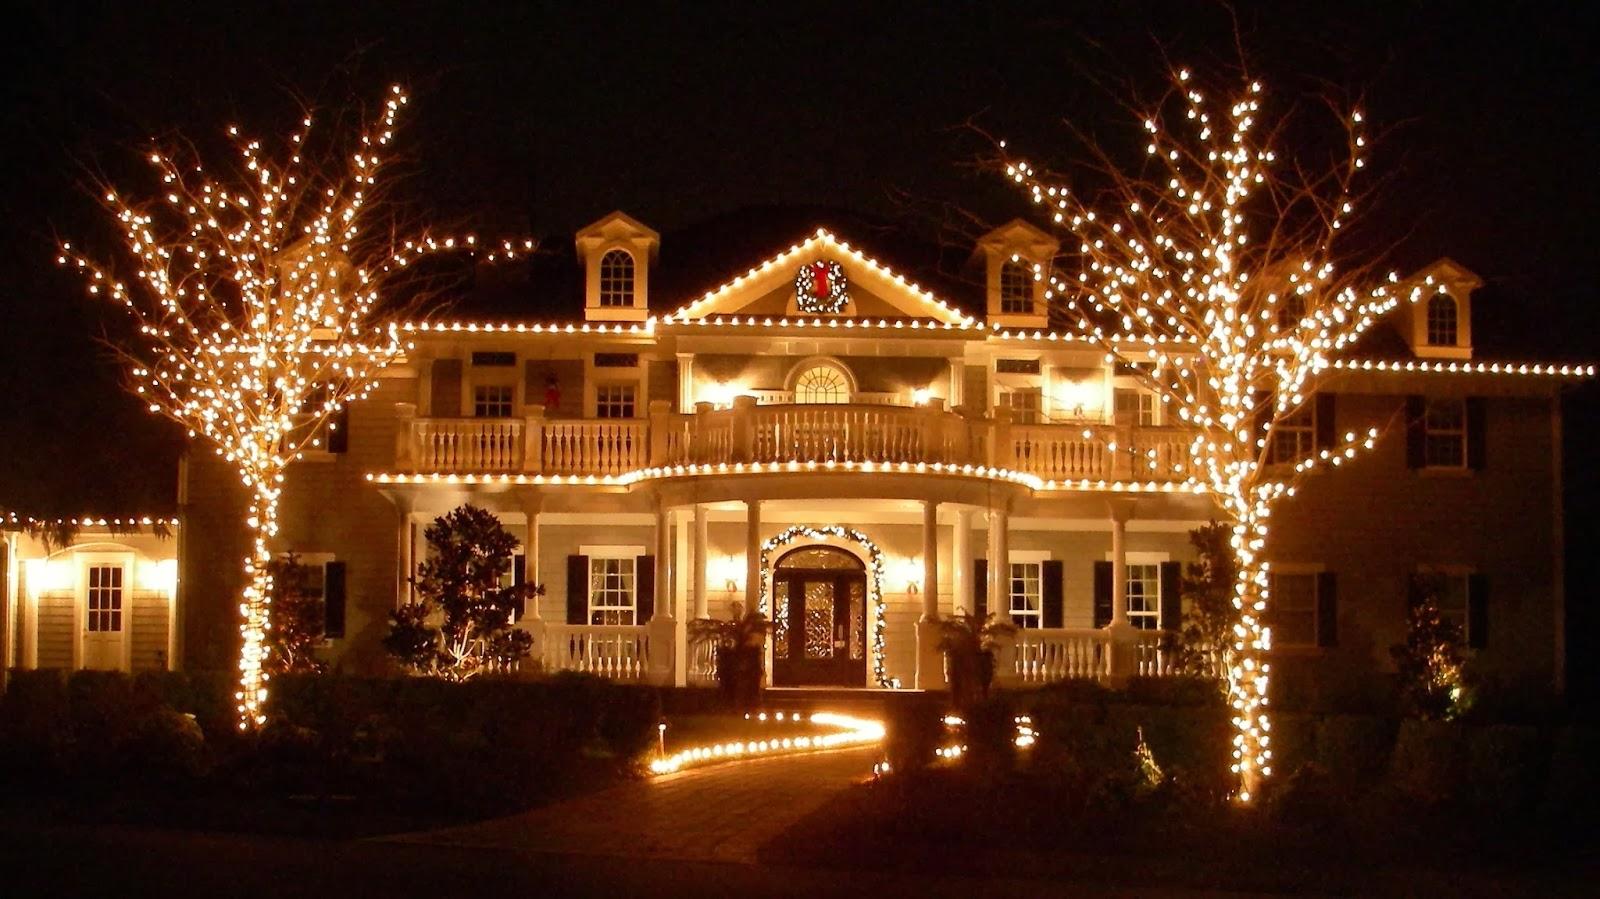 Fotos Casas Decoradas Navidad.Carpenter House Casas Decoradas Para Navidad